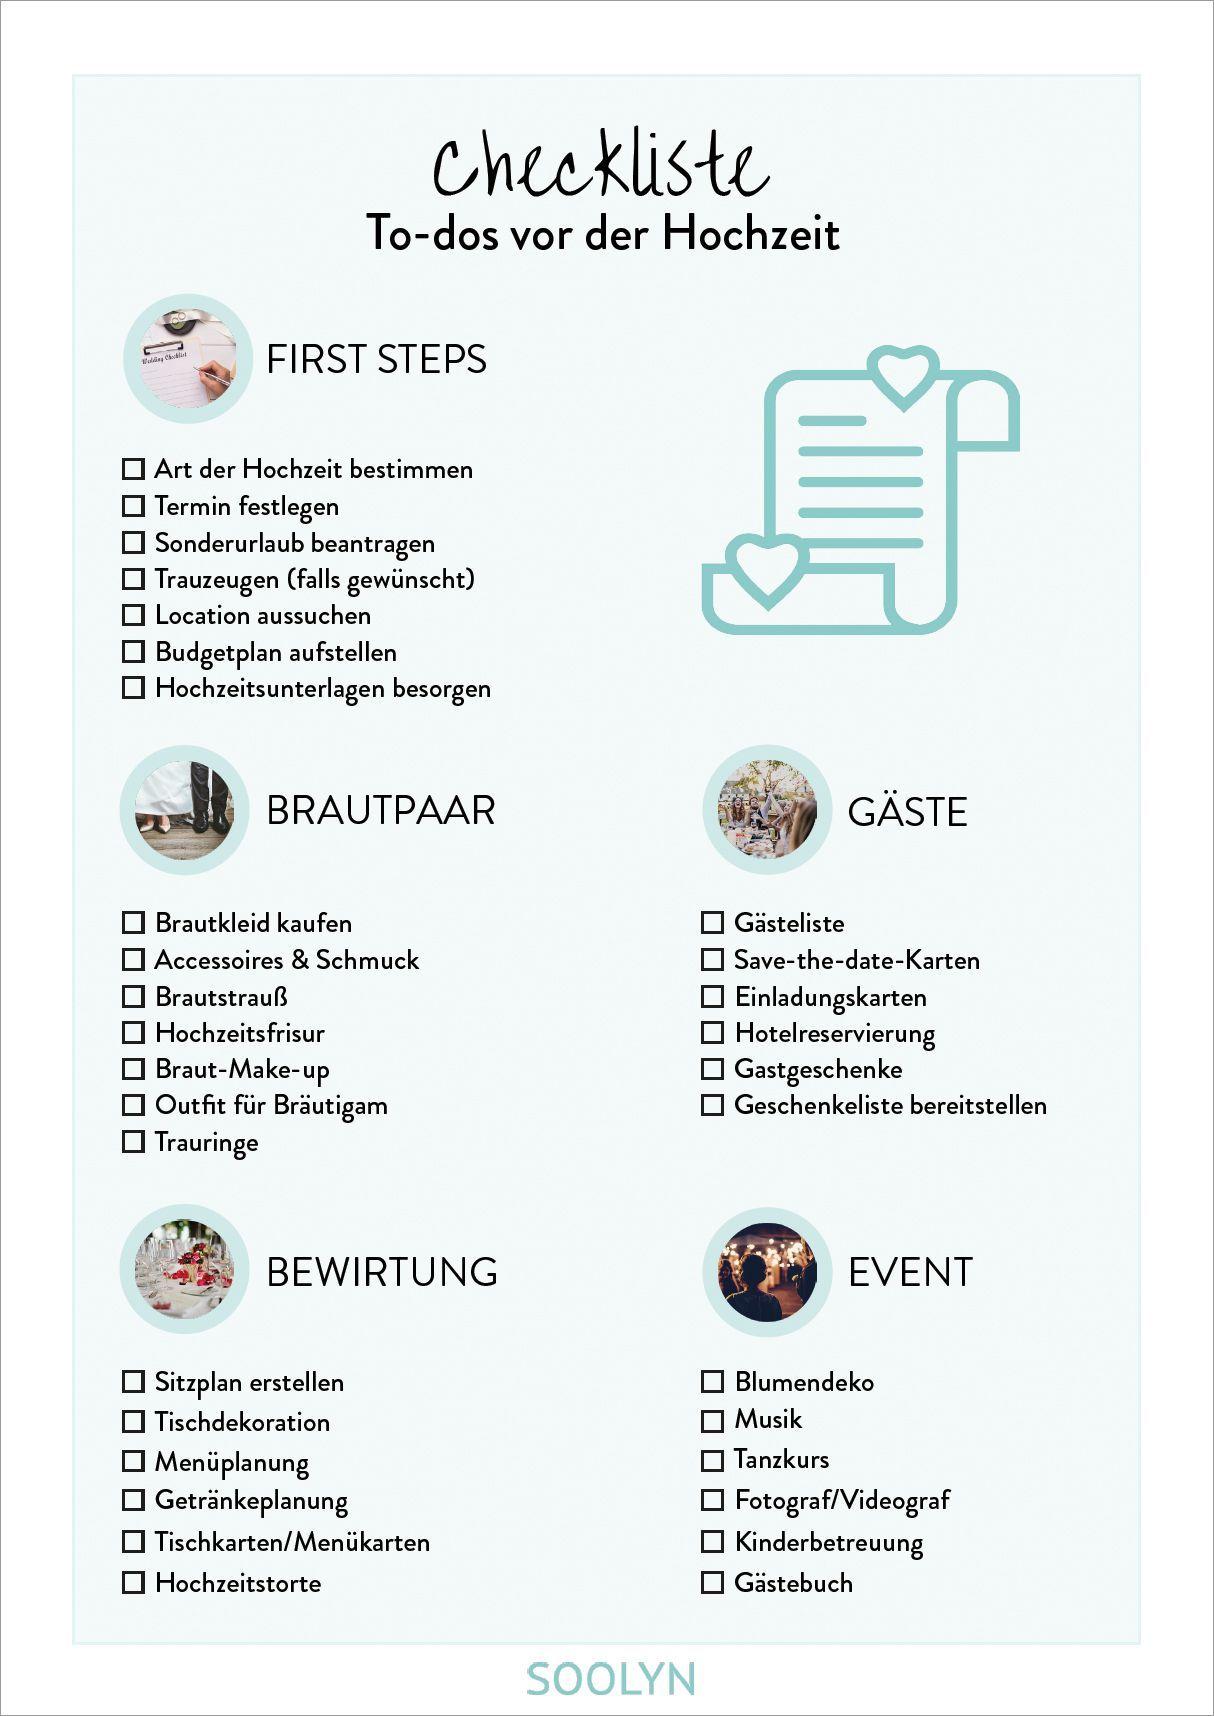 Kostenloser Download Lade Dir Kostenlos Unsere Hochzeitscheckliste Vor Der Hochzeit Herunter In 2020 Checkliste Hochzeit Hochzeitscheckliste Selber Machen Hochzeit